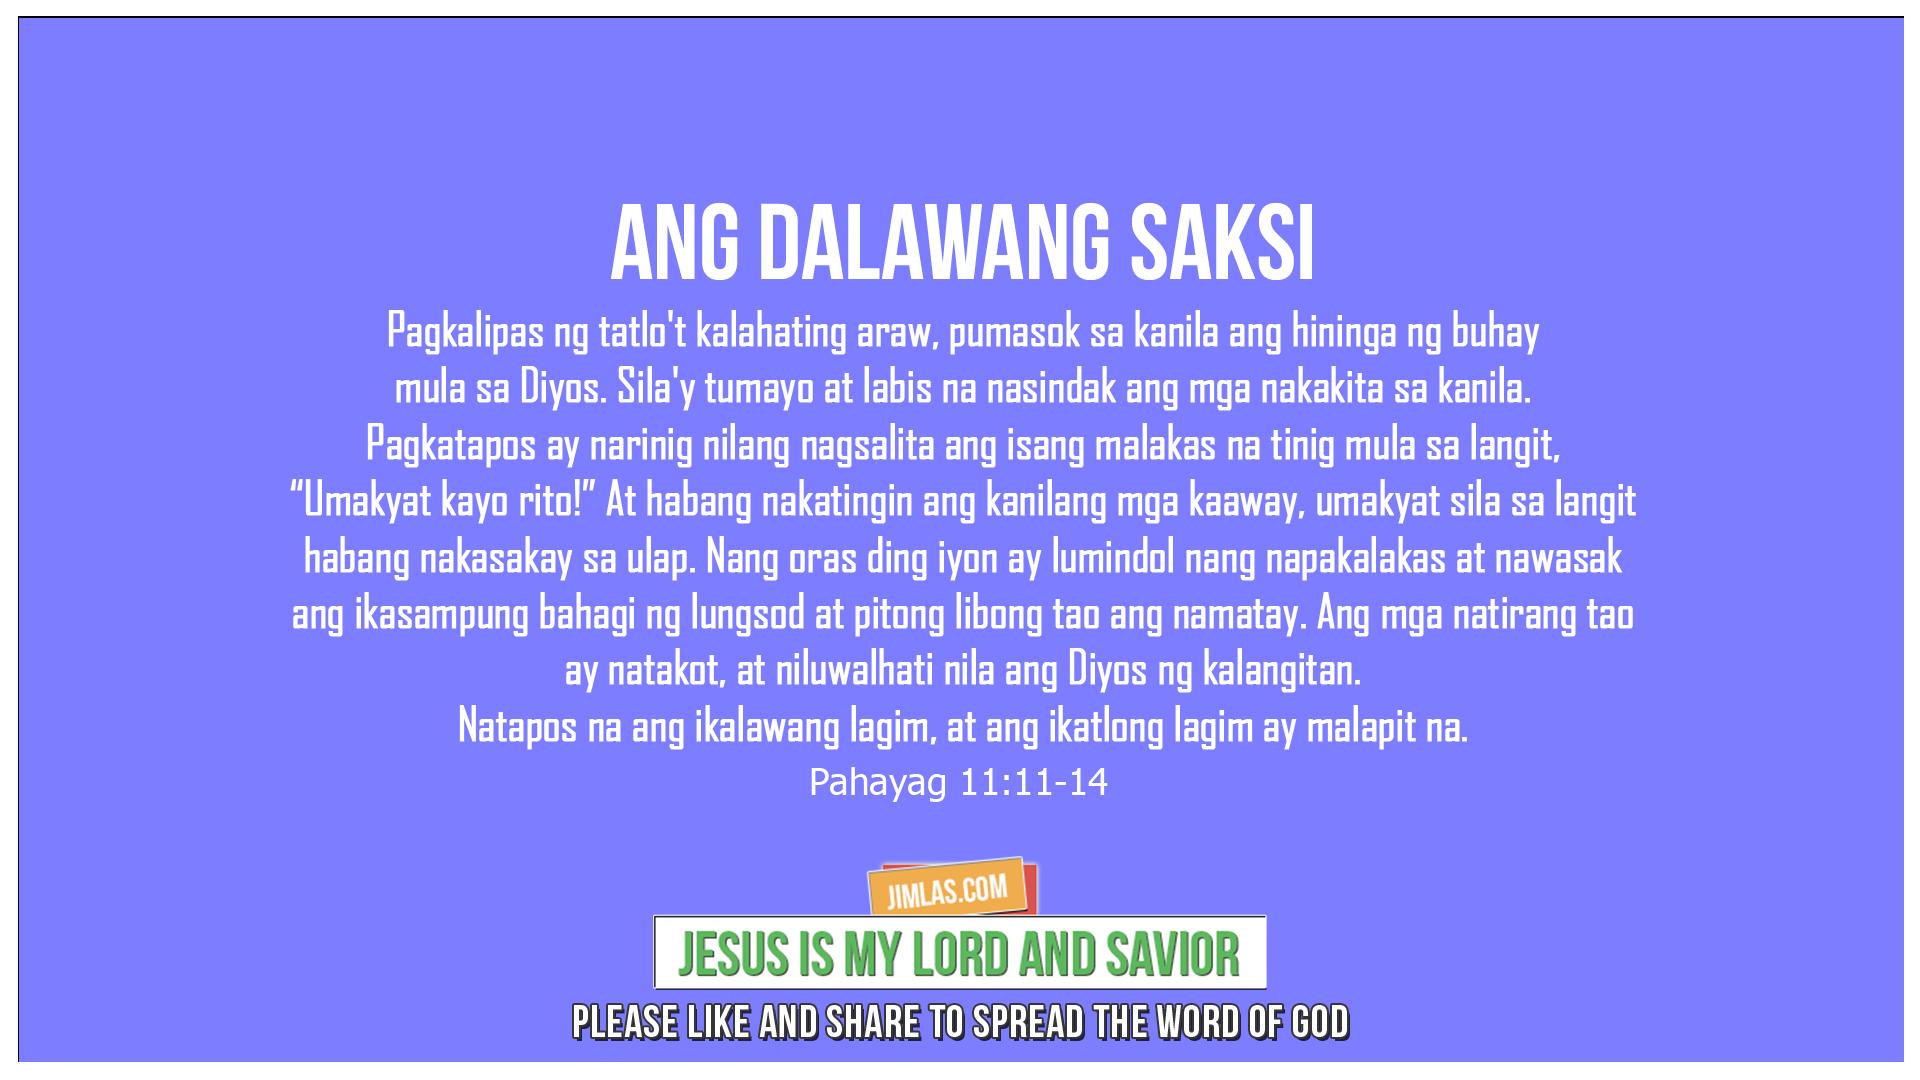 Pahayag 11:11-14, Pahayag 11:11-14